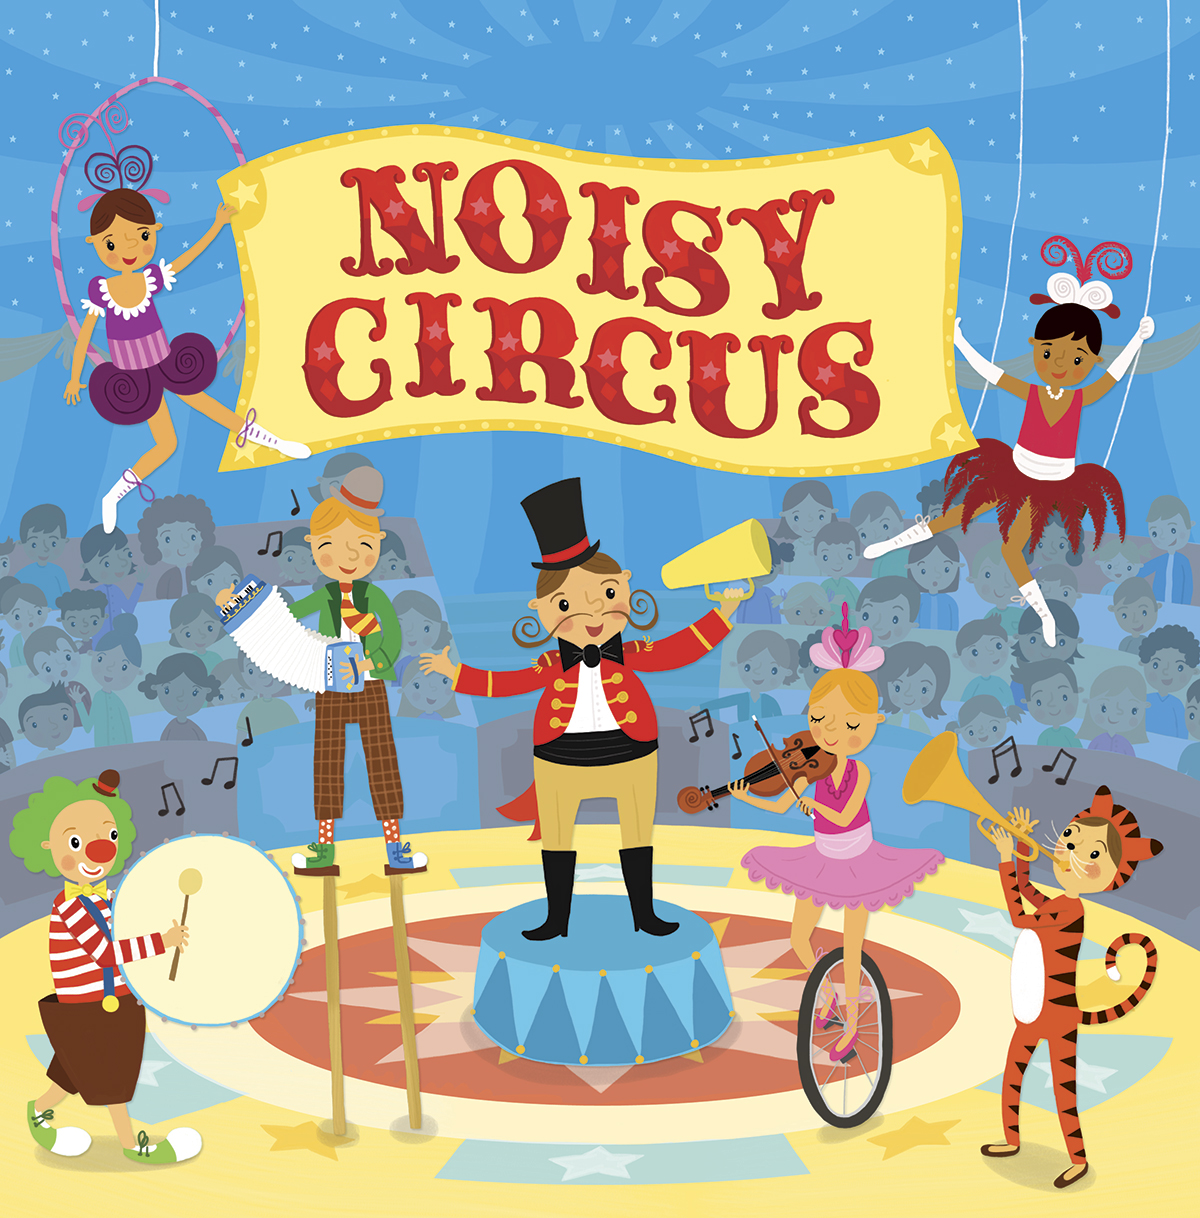 Noisy_Circus_cover2.jpg